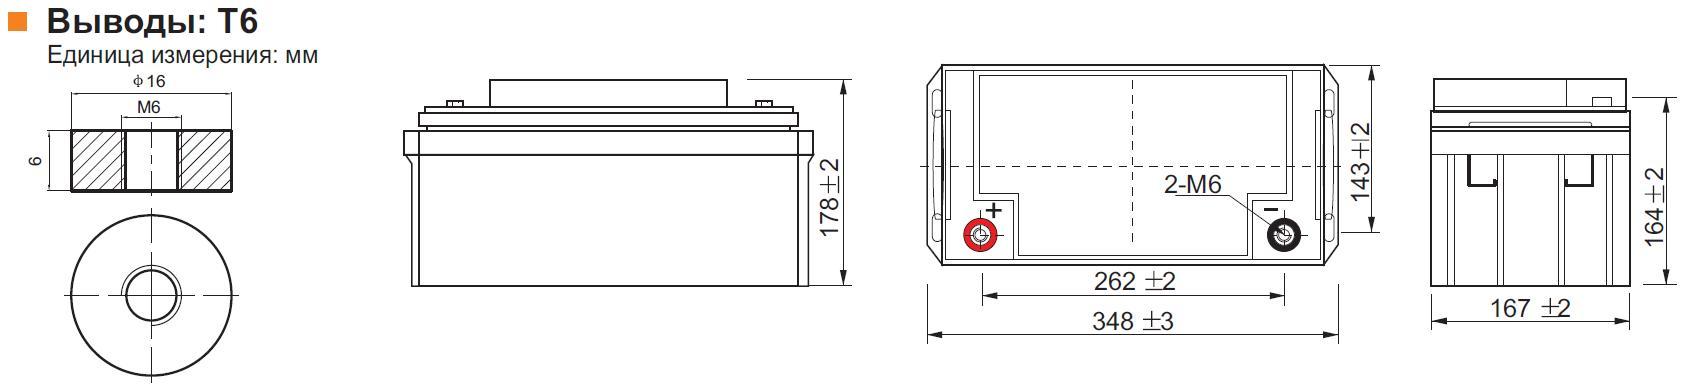 Габариты и тип клемм аккумулятора Leoch DJM 1275